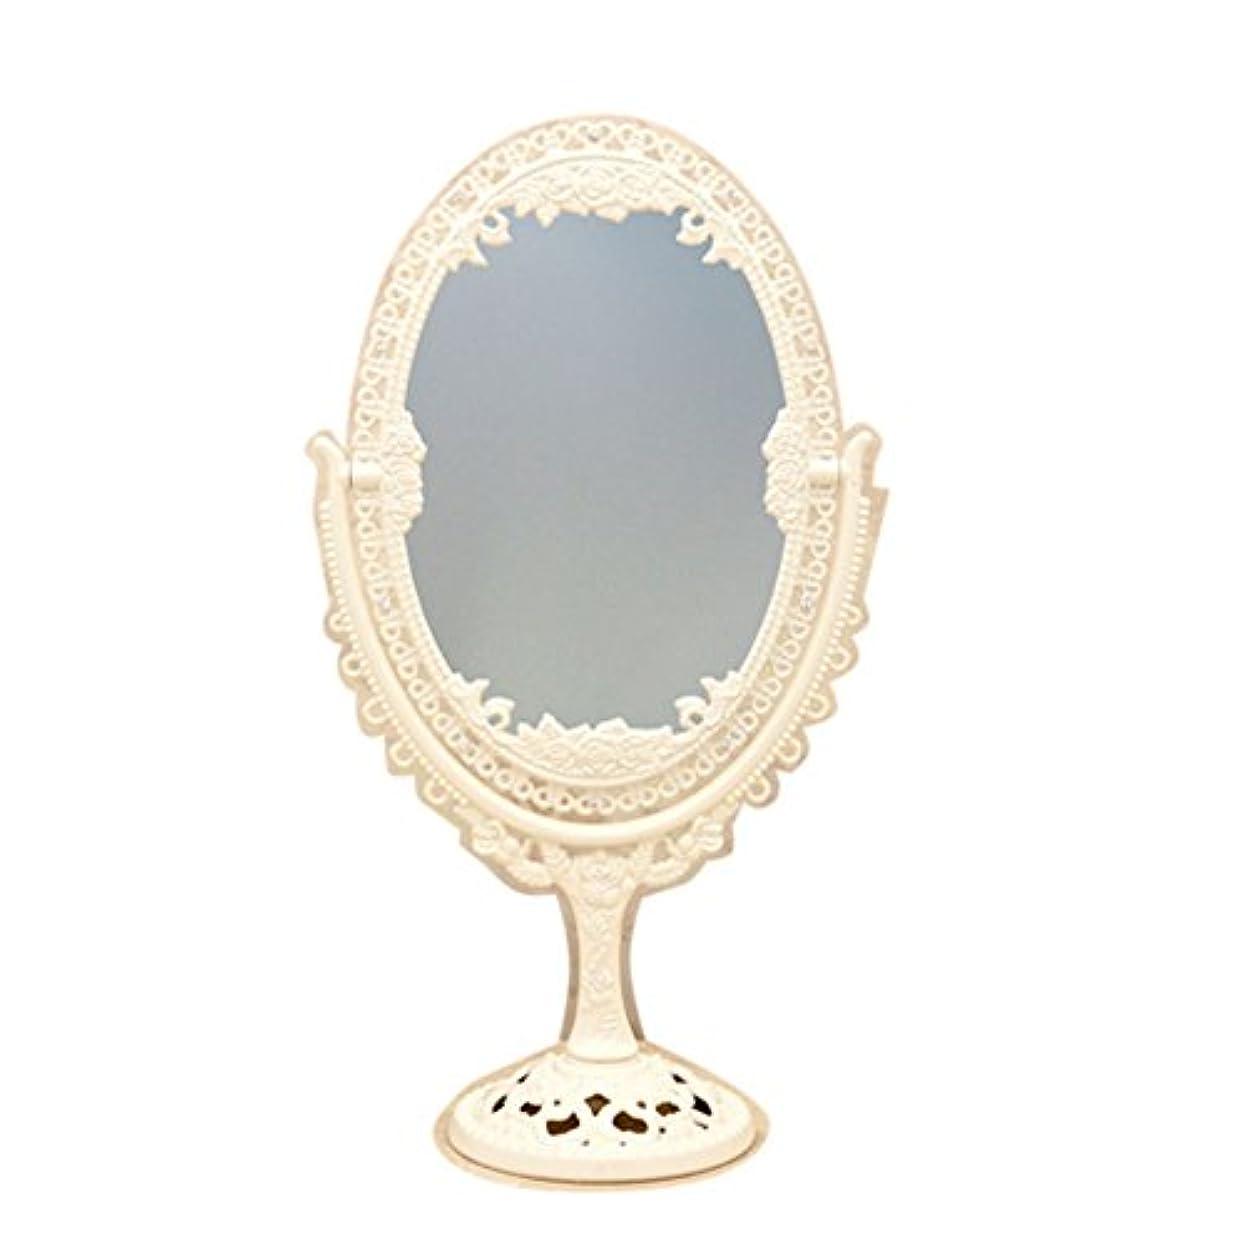 干渉言うまでもなく冷凍庫置き鏡 アンティーク風 アクセサリーホルダー アルテミス テーブルミラー:int-ak-sw-0920 (Ivory)